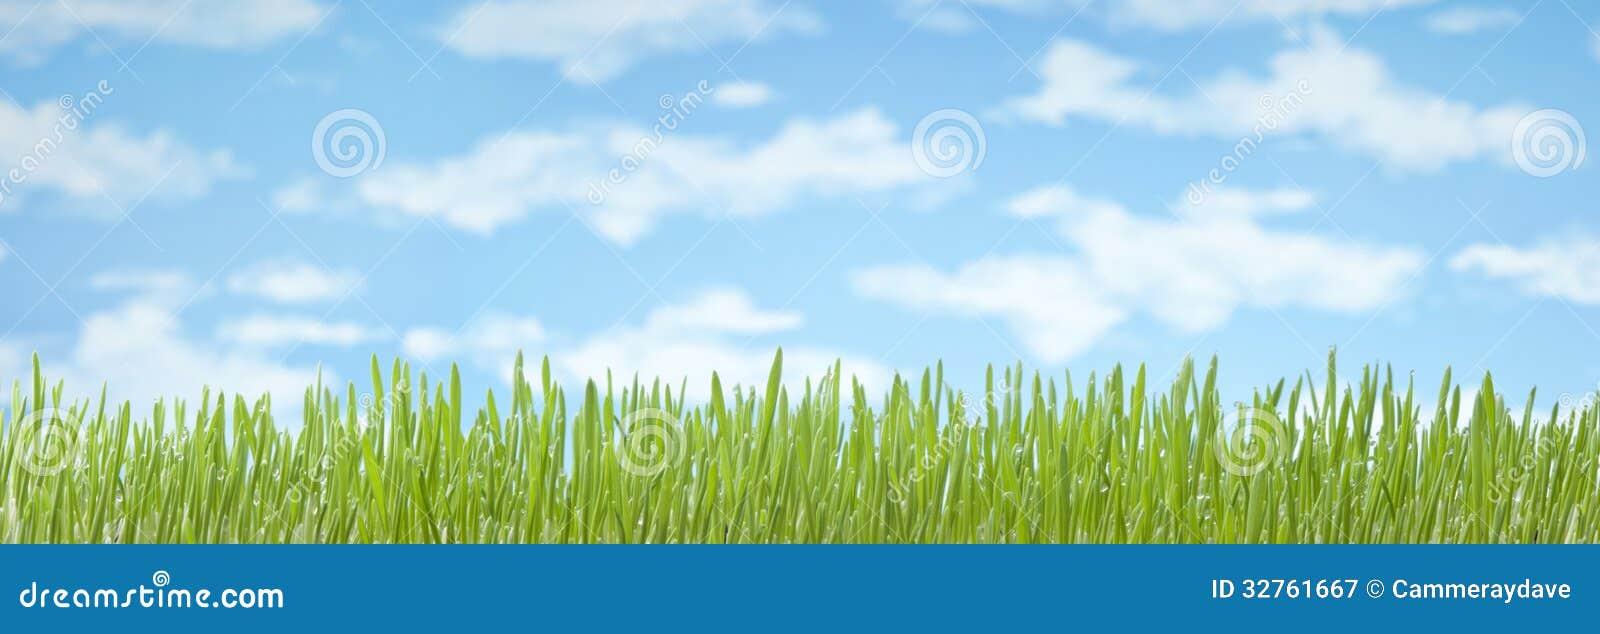 Fondo de la bandera del cielo de la hierba